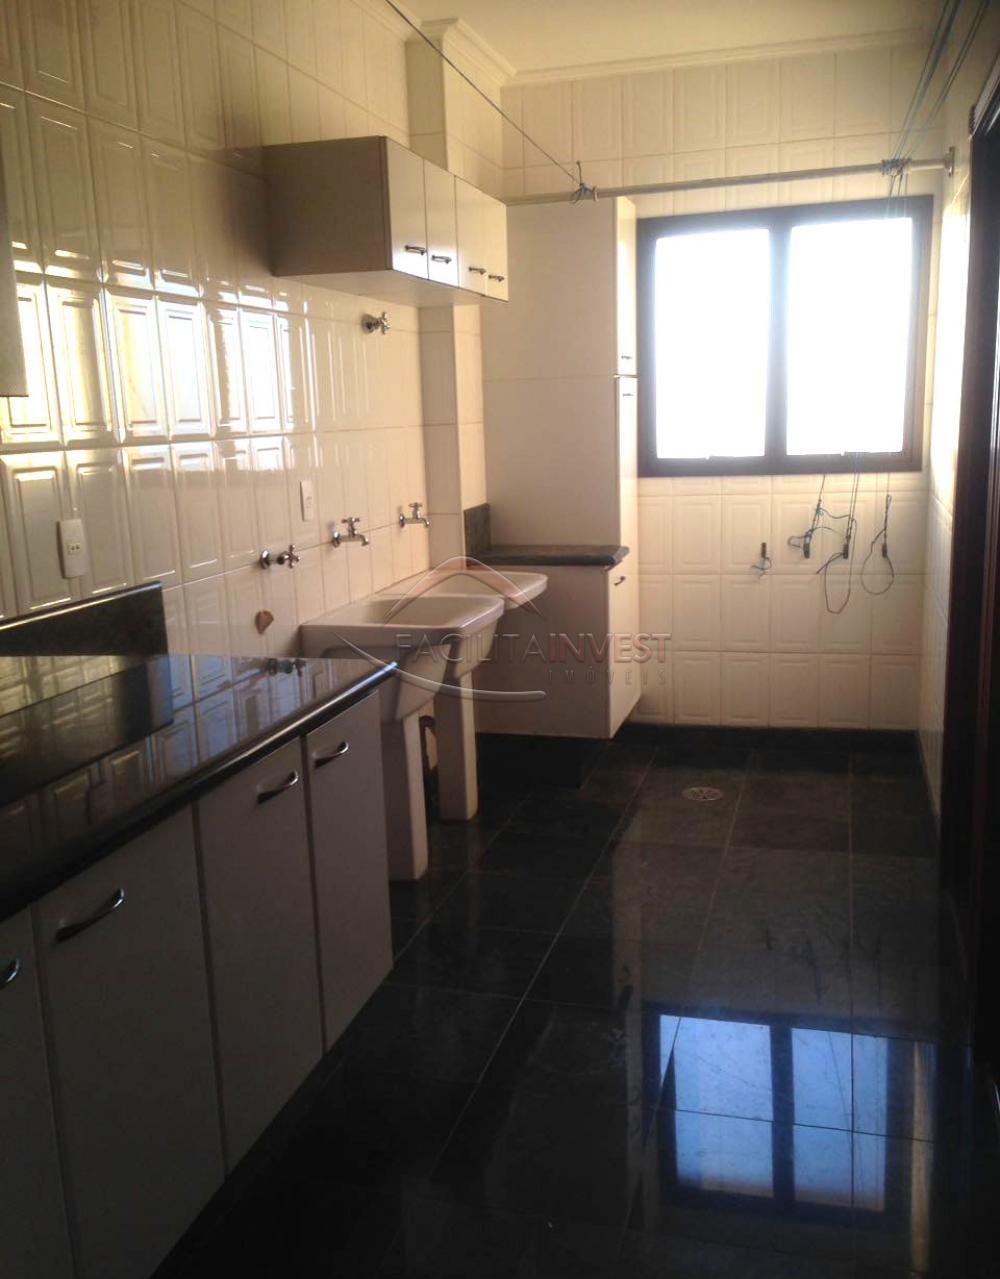 Comprar Apartamentos / Apart. Padrão em Sertãozinho apenas R$ 1.050.000,00 - Foto 21